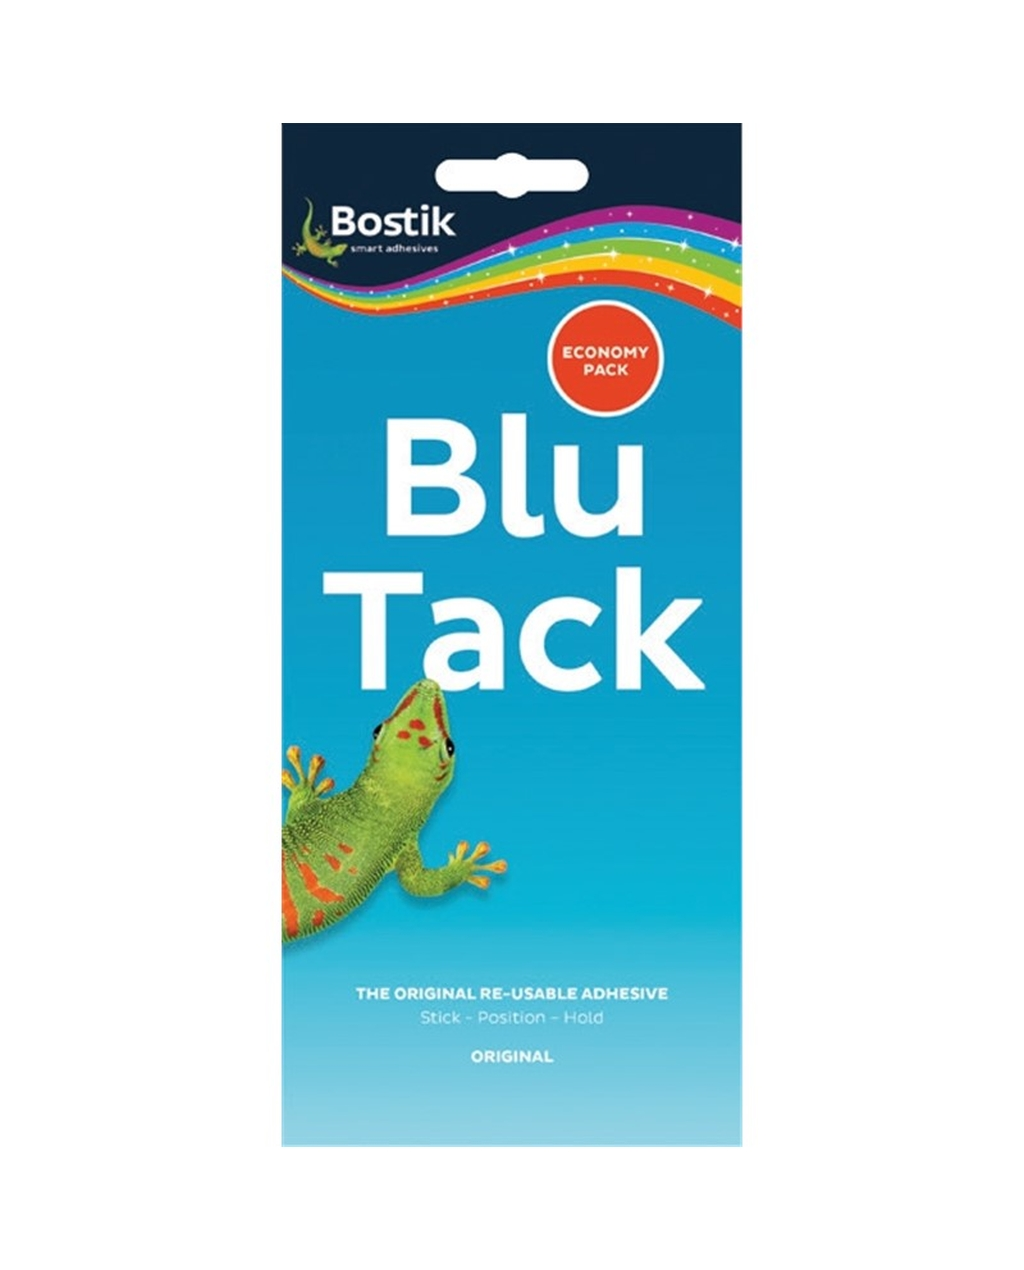 Bostik Blu Tack 120g